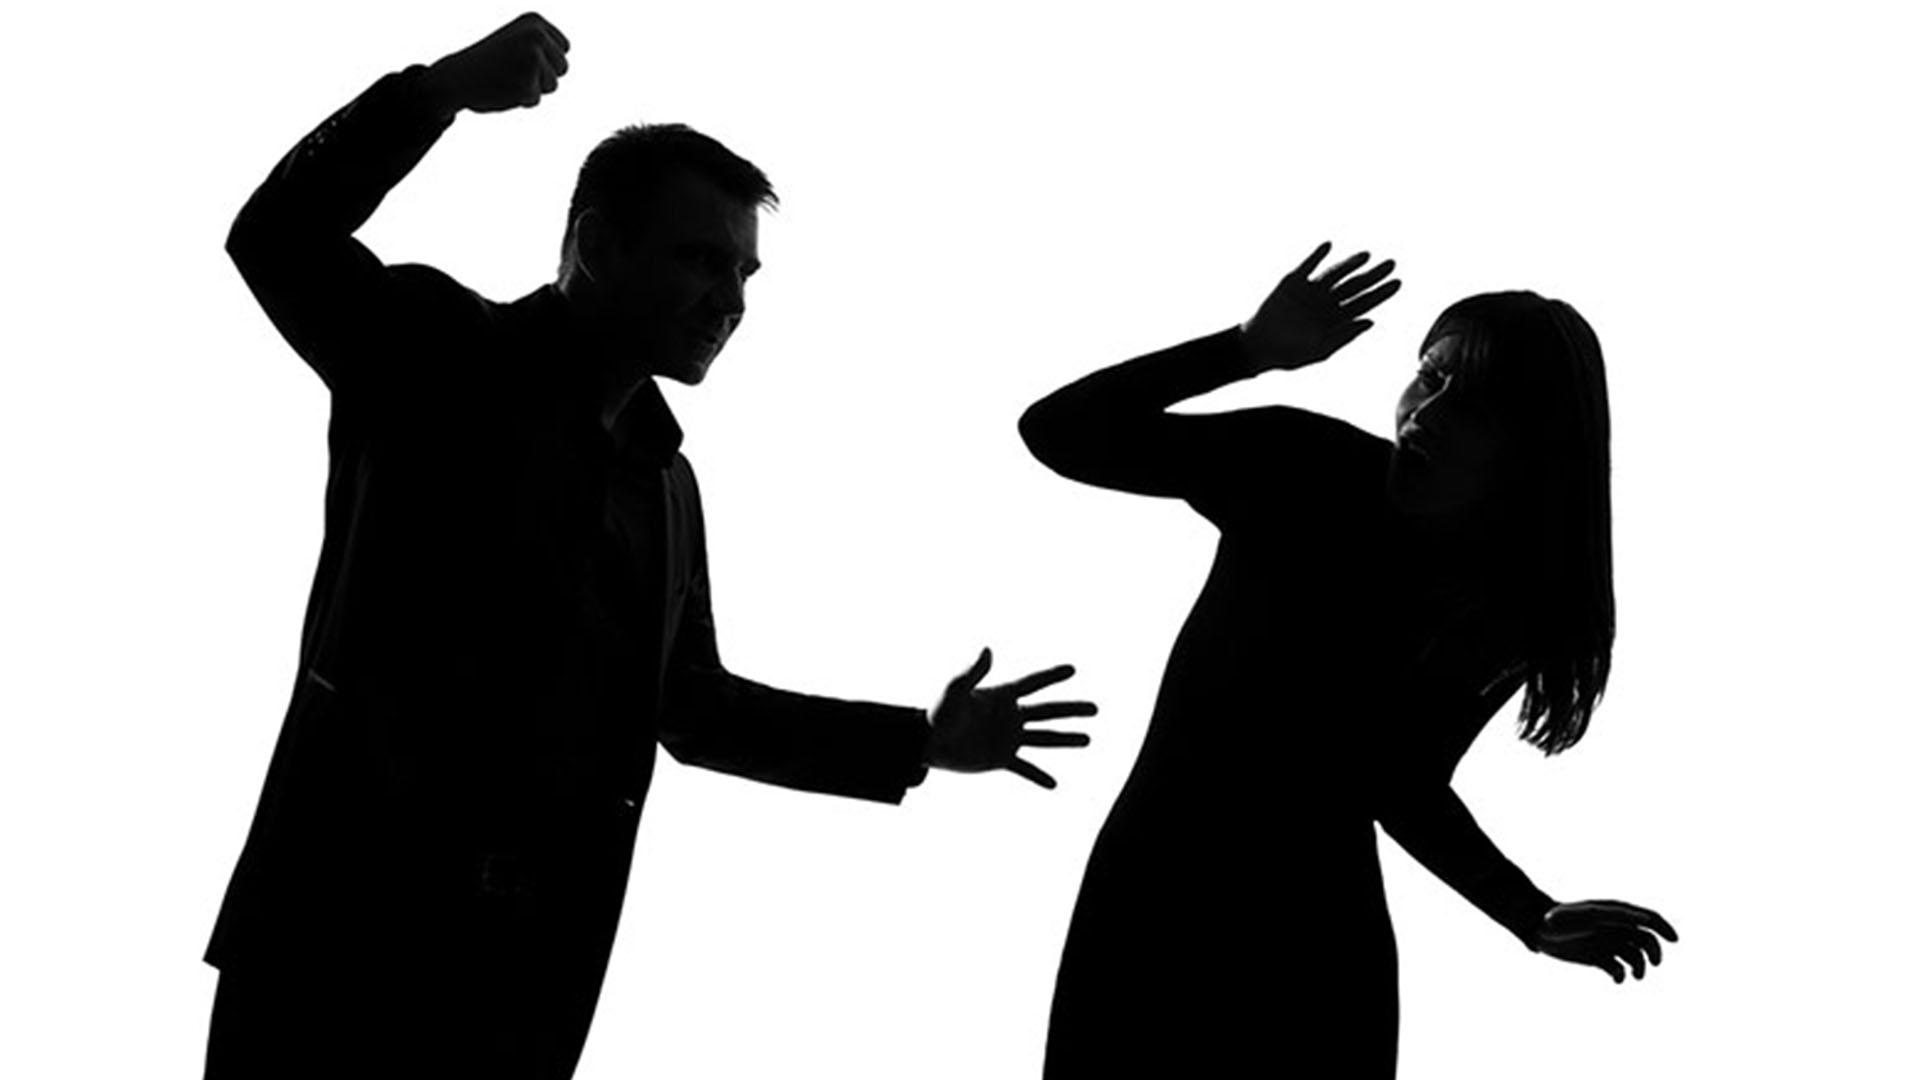 #სახლისკენ - ძალადობა დანაშაულია, დუმილი-თანამონაწილეობა!